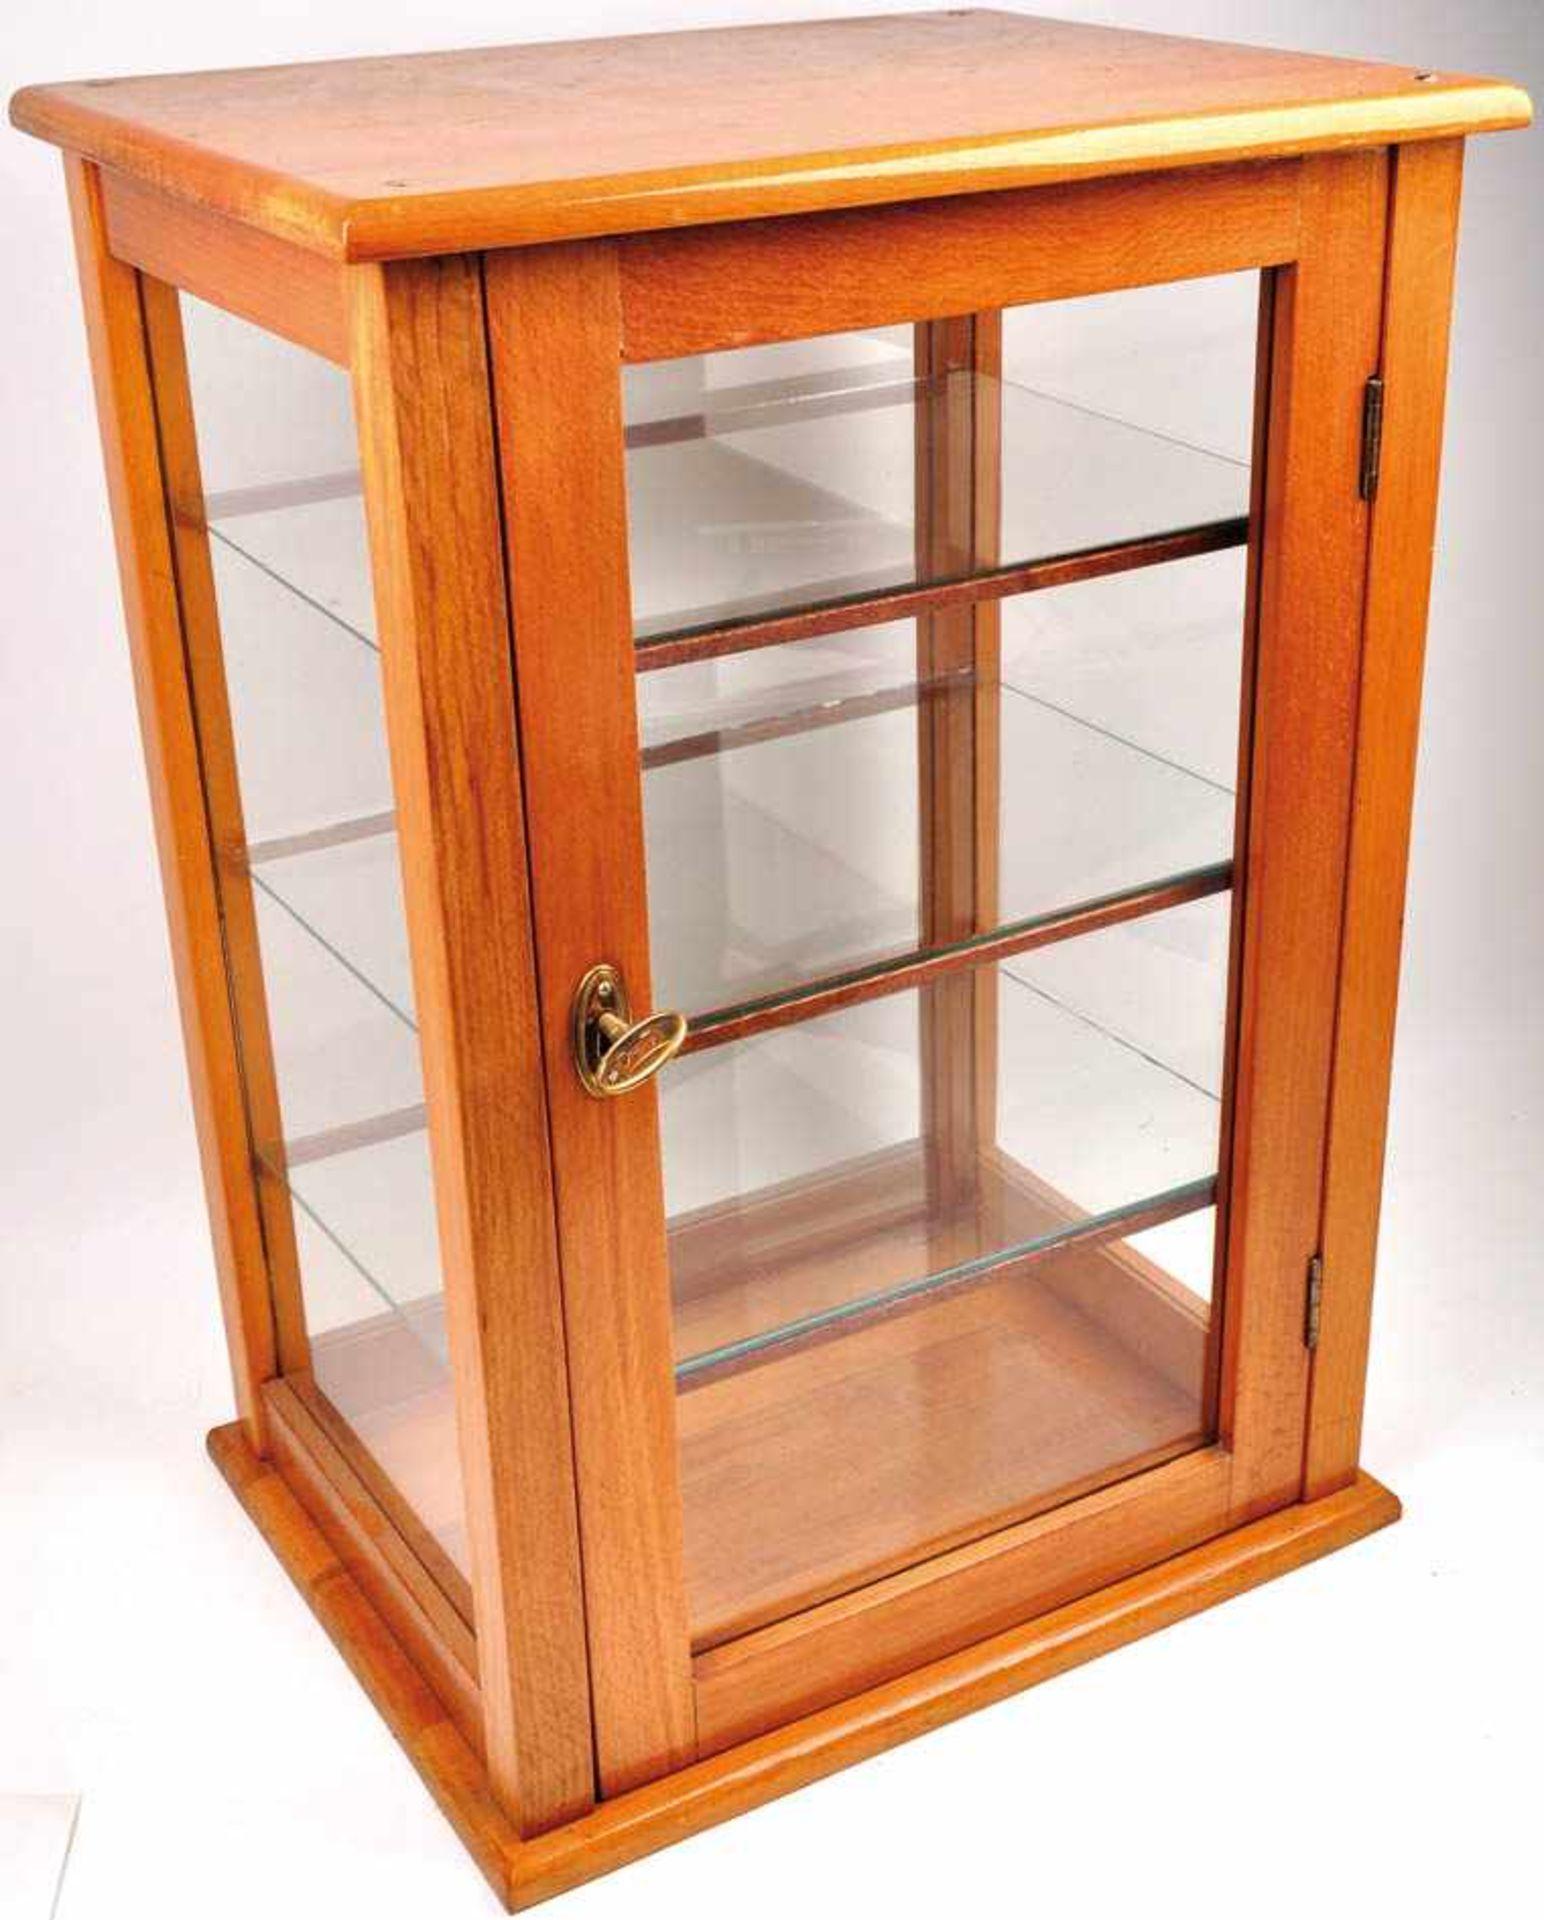 Los 45 - VITRINE, helles Holz, lackiert, Seiten u. abschliessbare Tür m. Glasscheiben, 3 Glas-Einlegeböden,